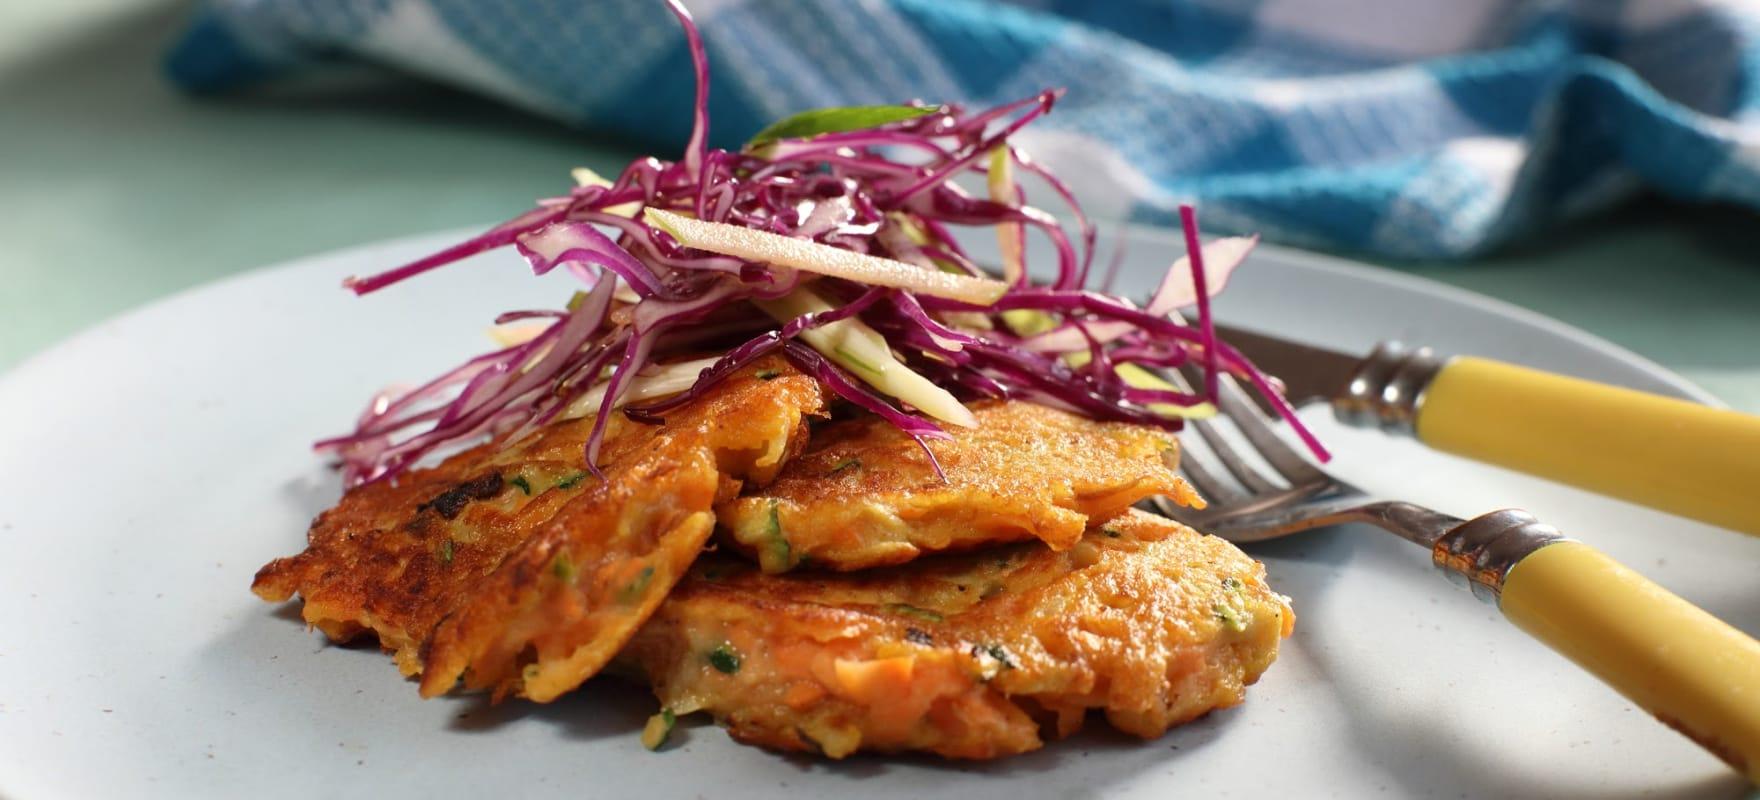 Sweet potato and zucchini fritters image 1